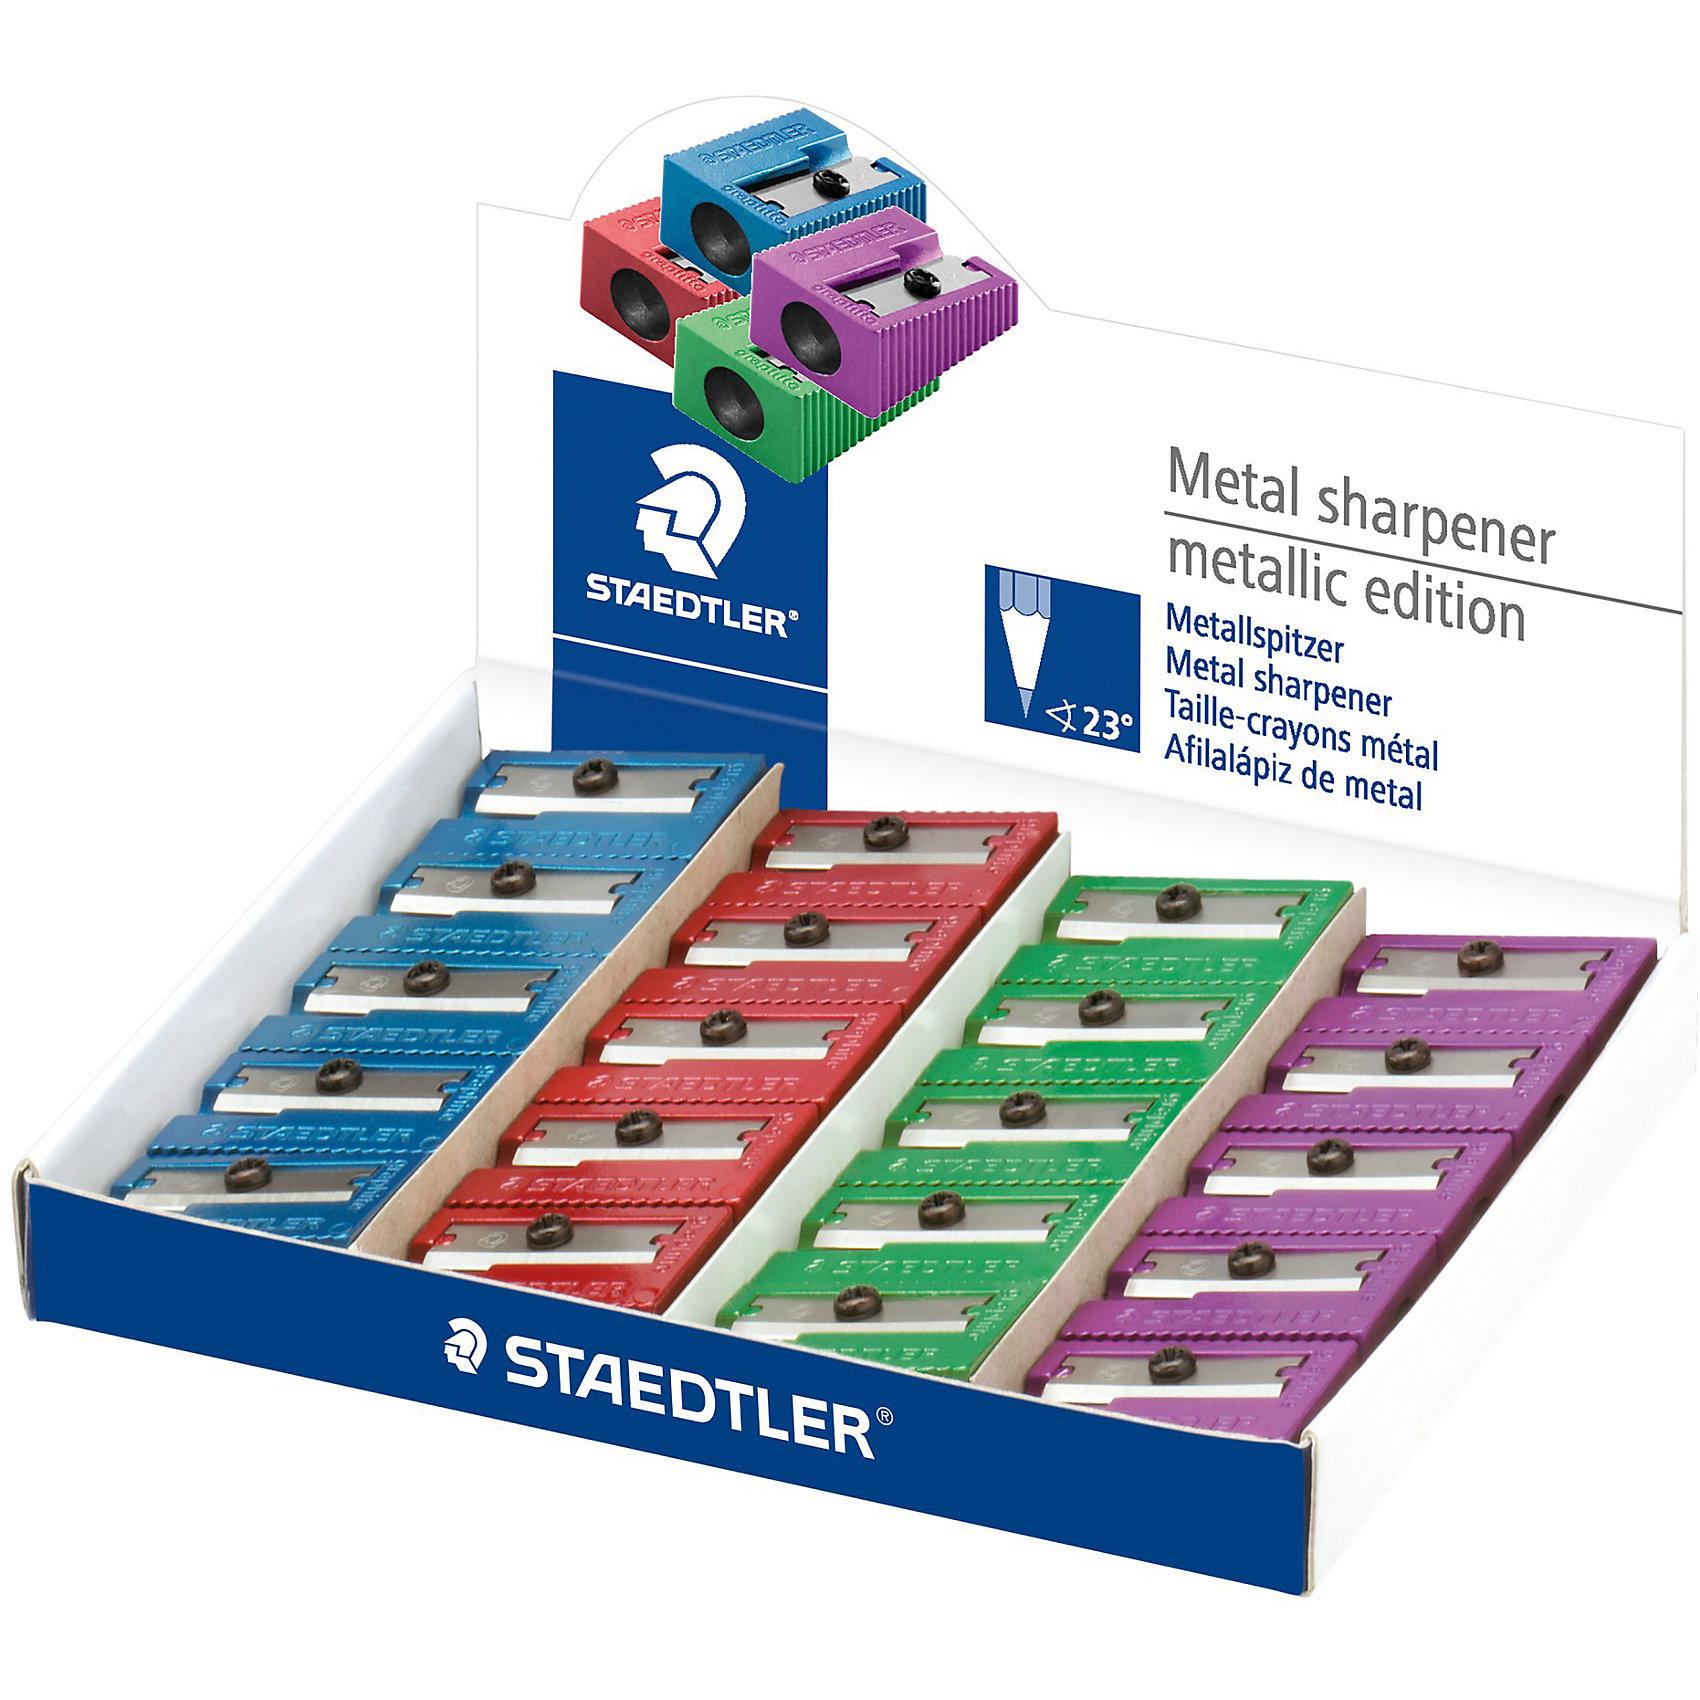 Металлическая точилка c одним отверстием, ассорти, StaedtlerПисьменные принадлежности<br>Металлическая точилка серии 510 10 с одним отверстием в 4-х ярких цветах: зеленый, красный, фиолетовый и синий. Подходит для стандартных чернографитовых карандашей диаметром до 8,2 мм с углом заточки 23° для четких и аккуратных линий.<br><br>Ширина мм: 29<br>Глубина мм: 18<br>Высота мм: 120<br>Вес г: 13<br>Возраст от месяцев: 60<br>Возраст до месяцев: 2147483647<br>Пол: Унисекс<br>Возраст: Детский<br>SKU: 5529992